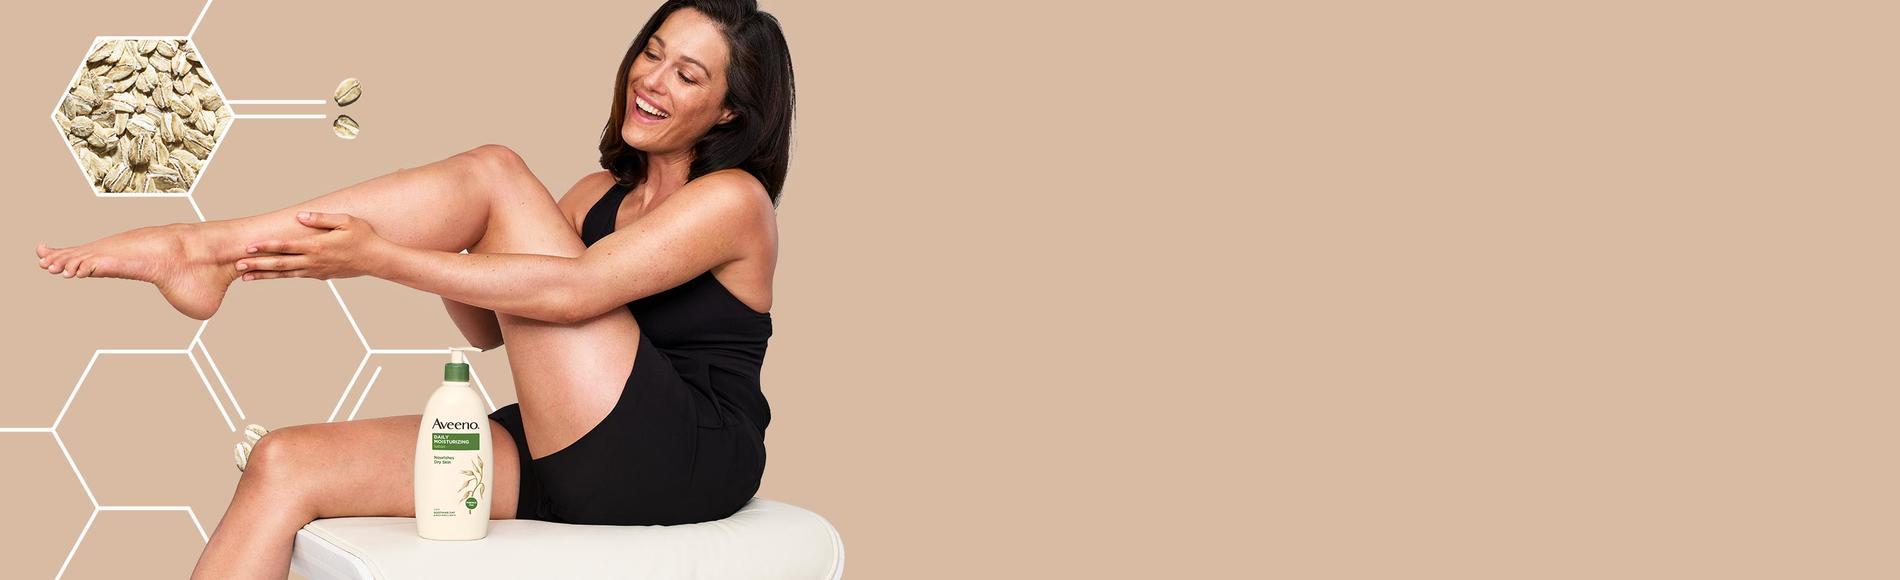 mujer contenta usando los productos Aveeno para el cuidado del cuerpo